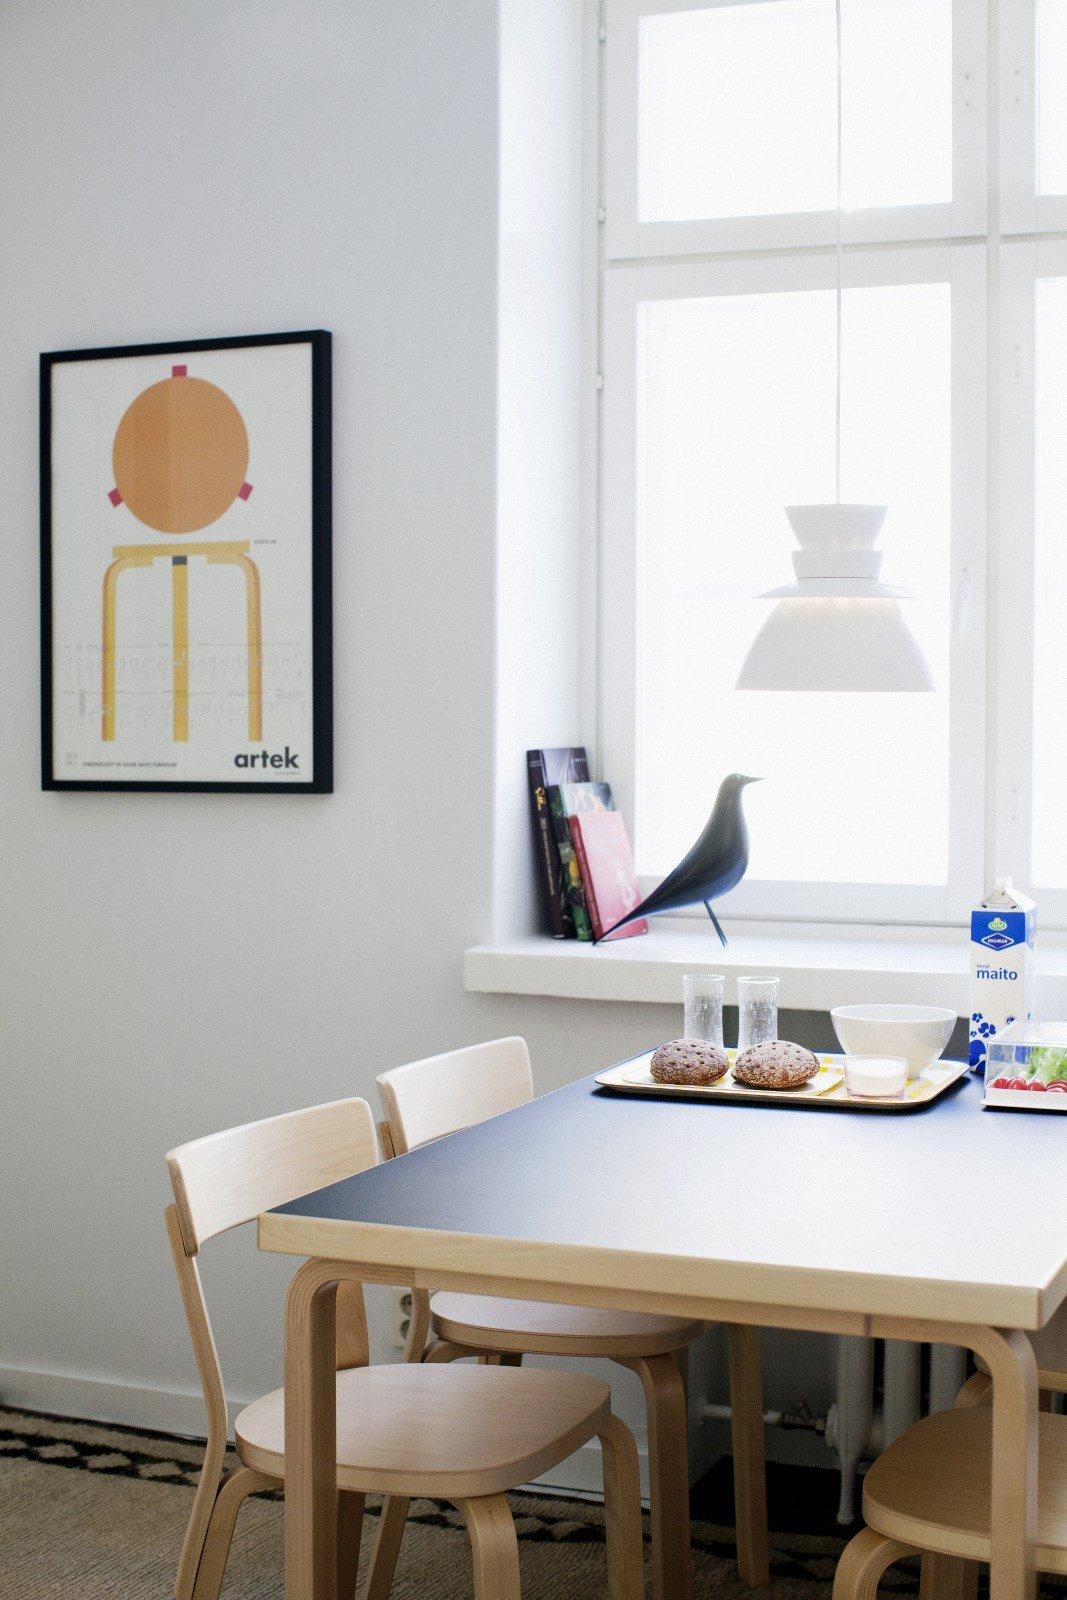 Hölzerne Highlights - helle Hölzer im Interior Design. Die Artek Stühle aus hellem Buchenholz fügen sich einfach in das zurückhaltende Interieur ein.